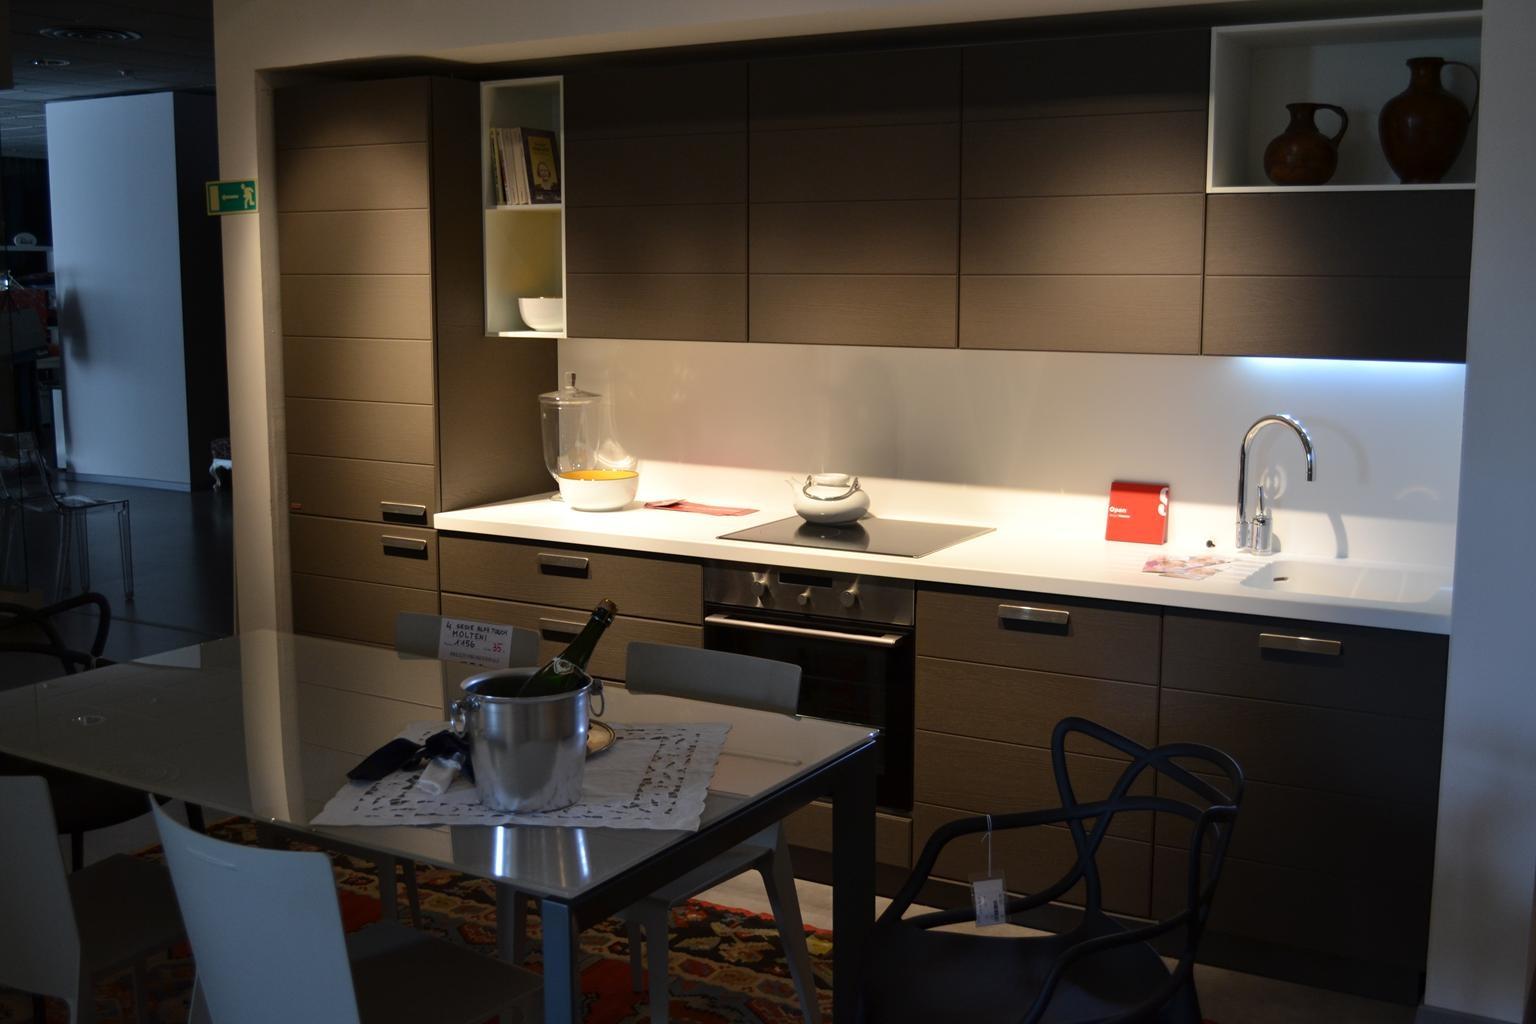 Cucina scavolini open rovere titanio cucine a prezzi - Cucina scavolini open prezzi ...